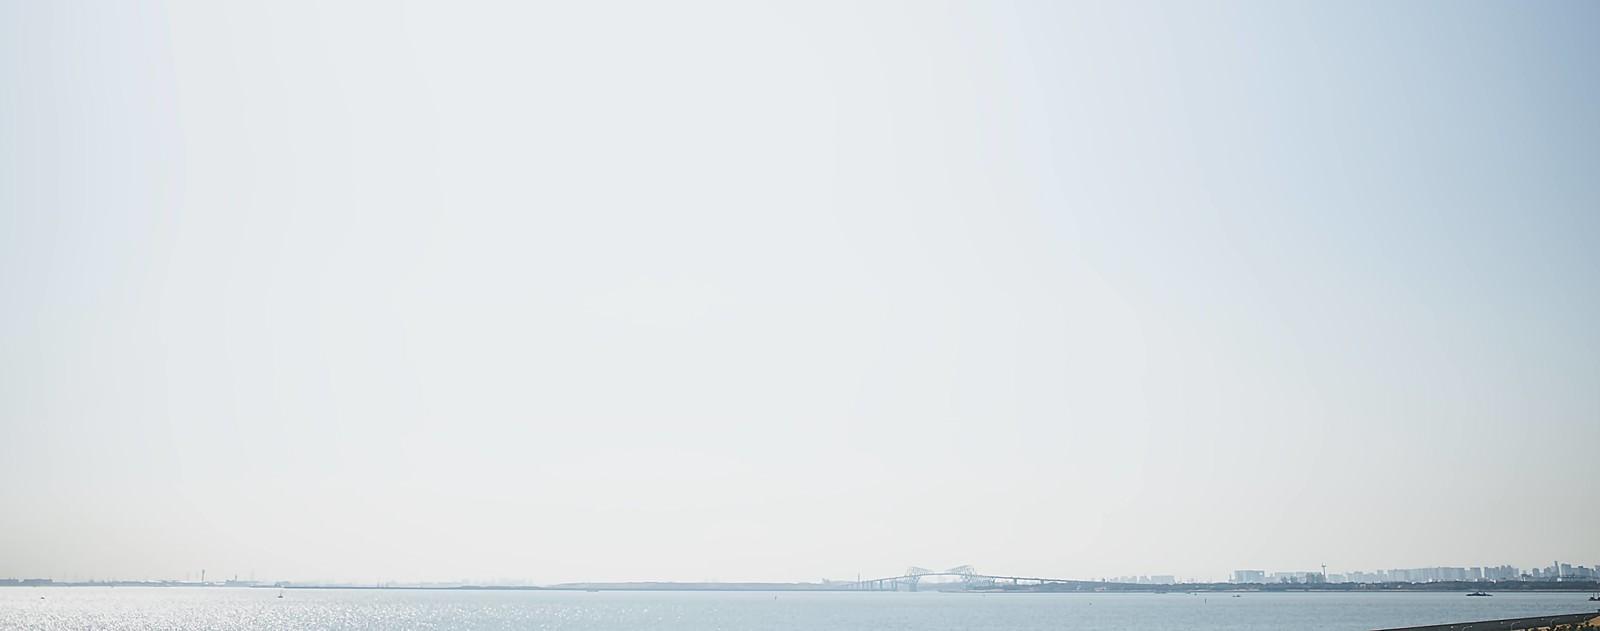 「遠くに見える東京ゲートブリッジ」の写真